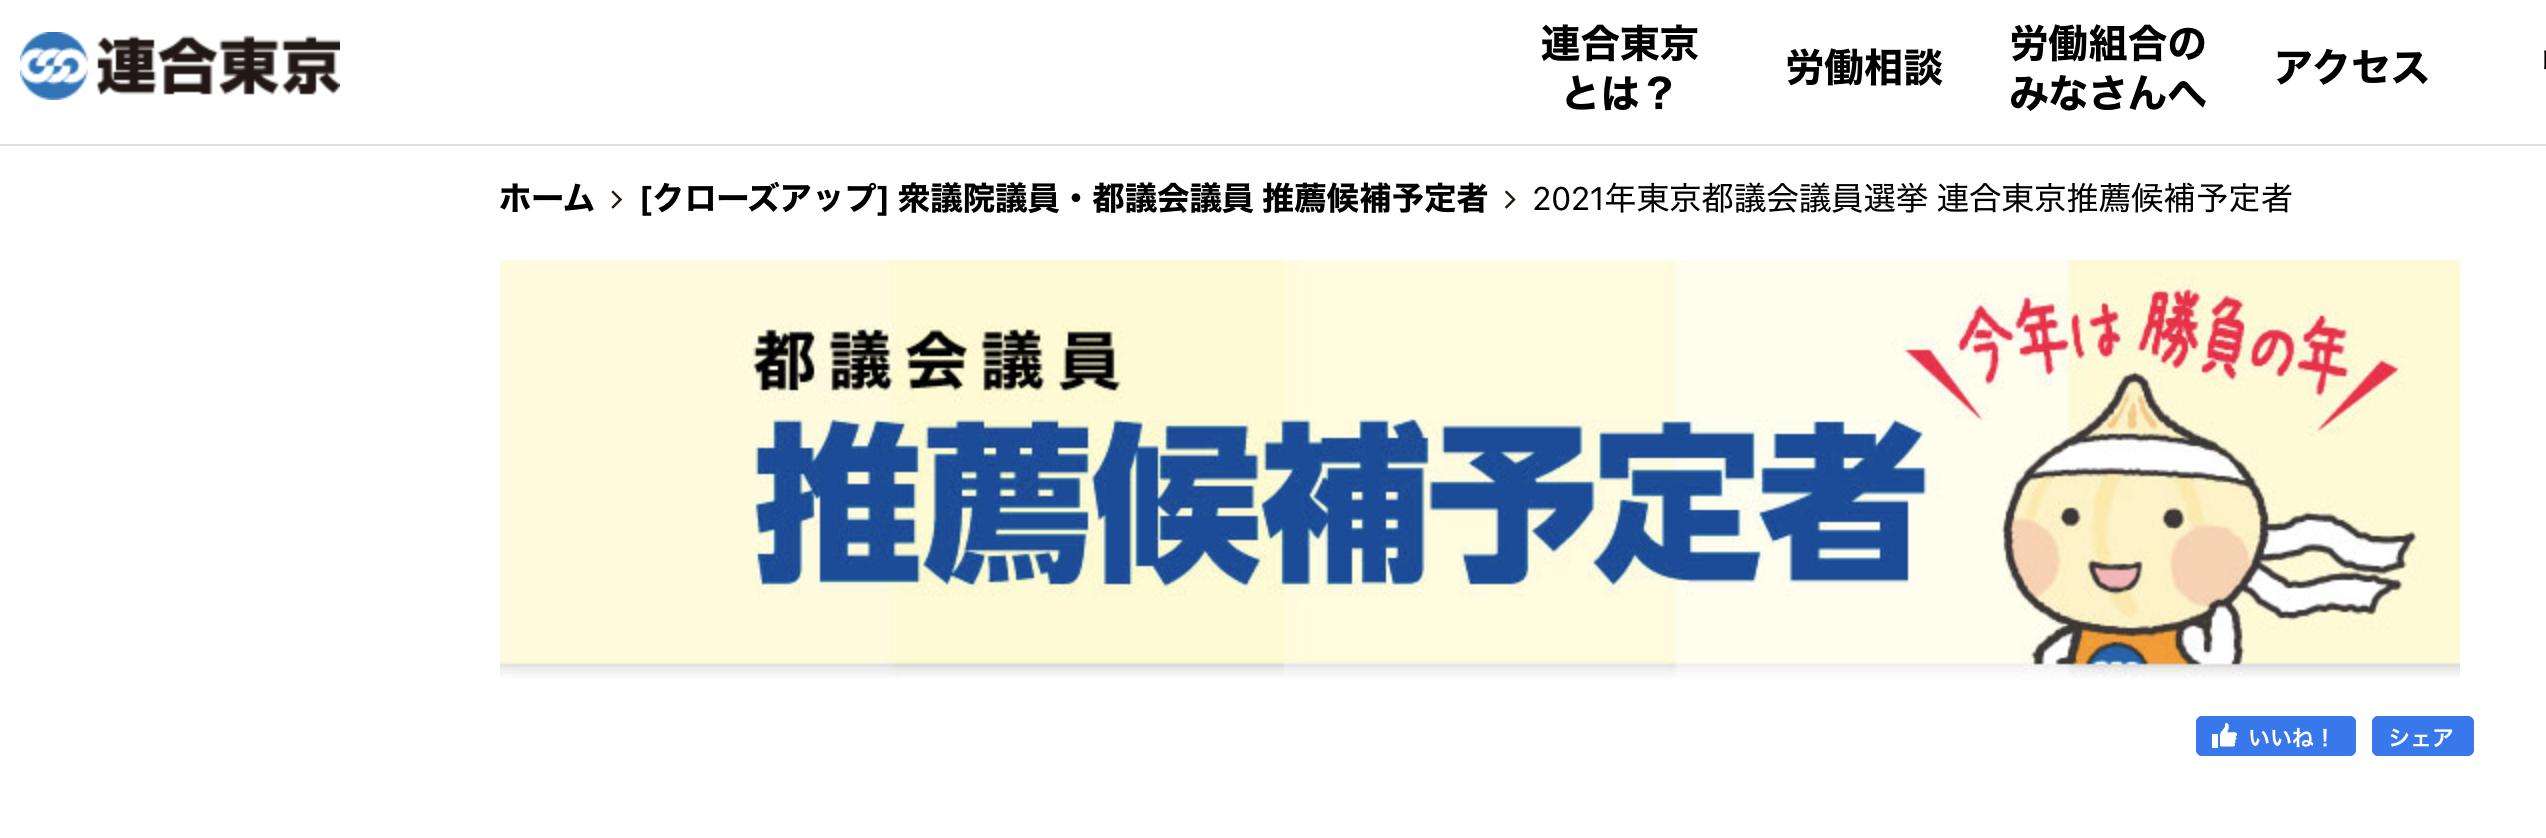 連合東京 支援 都議会議員選挙